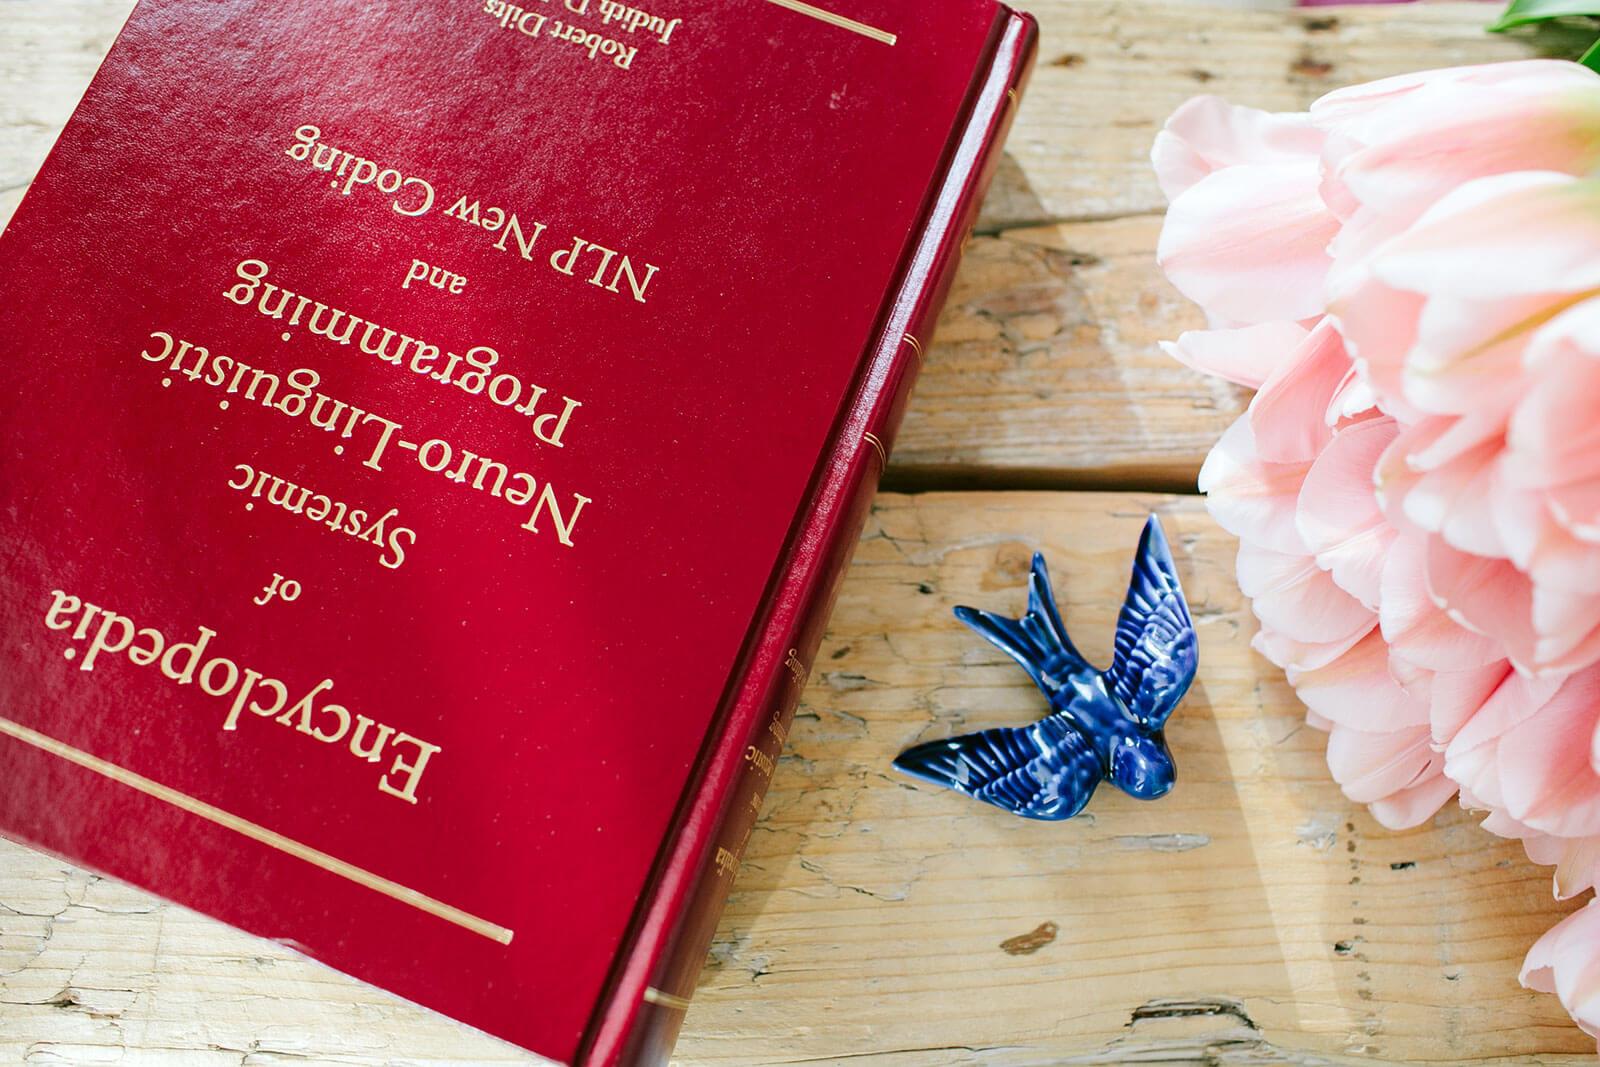 Enciclopédia sobre PLN, andorinha e flores sobre mesa de madeira.